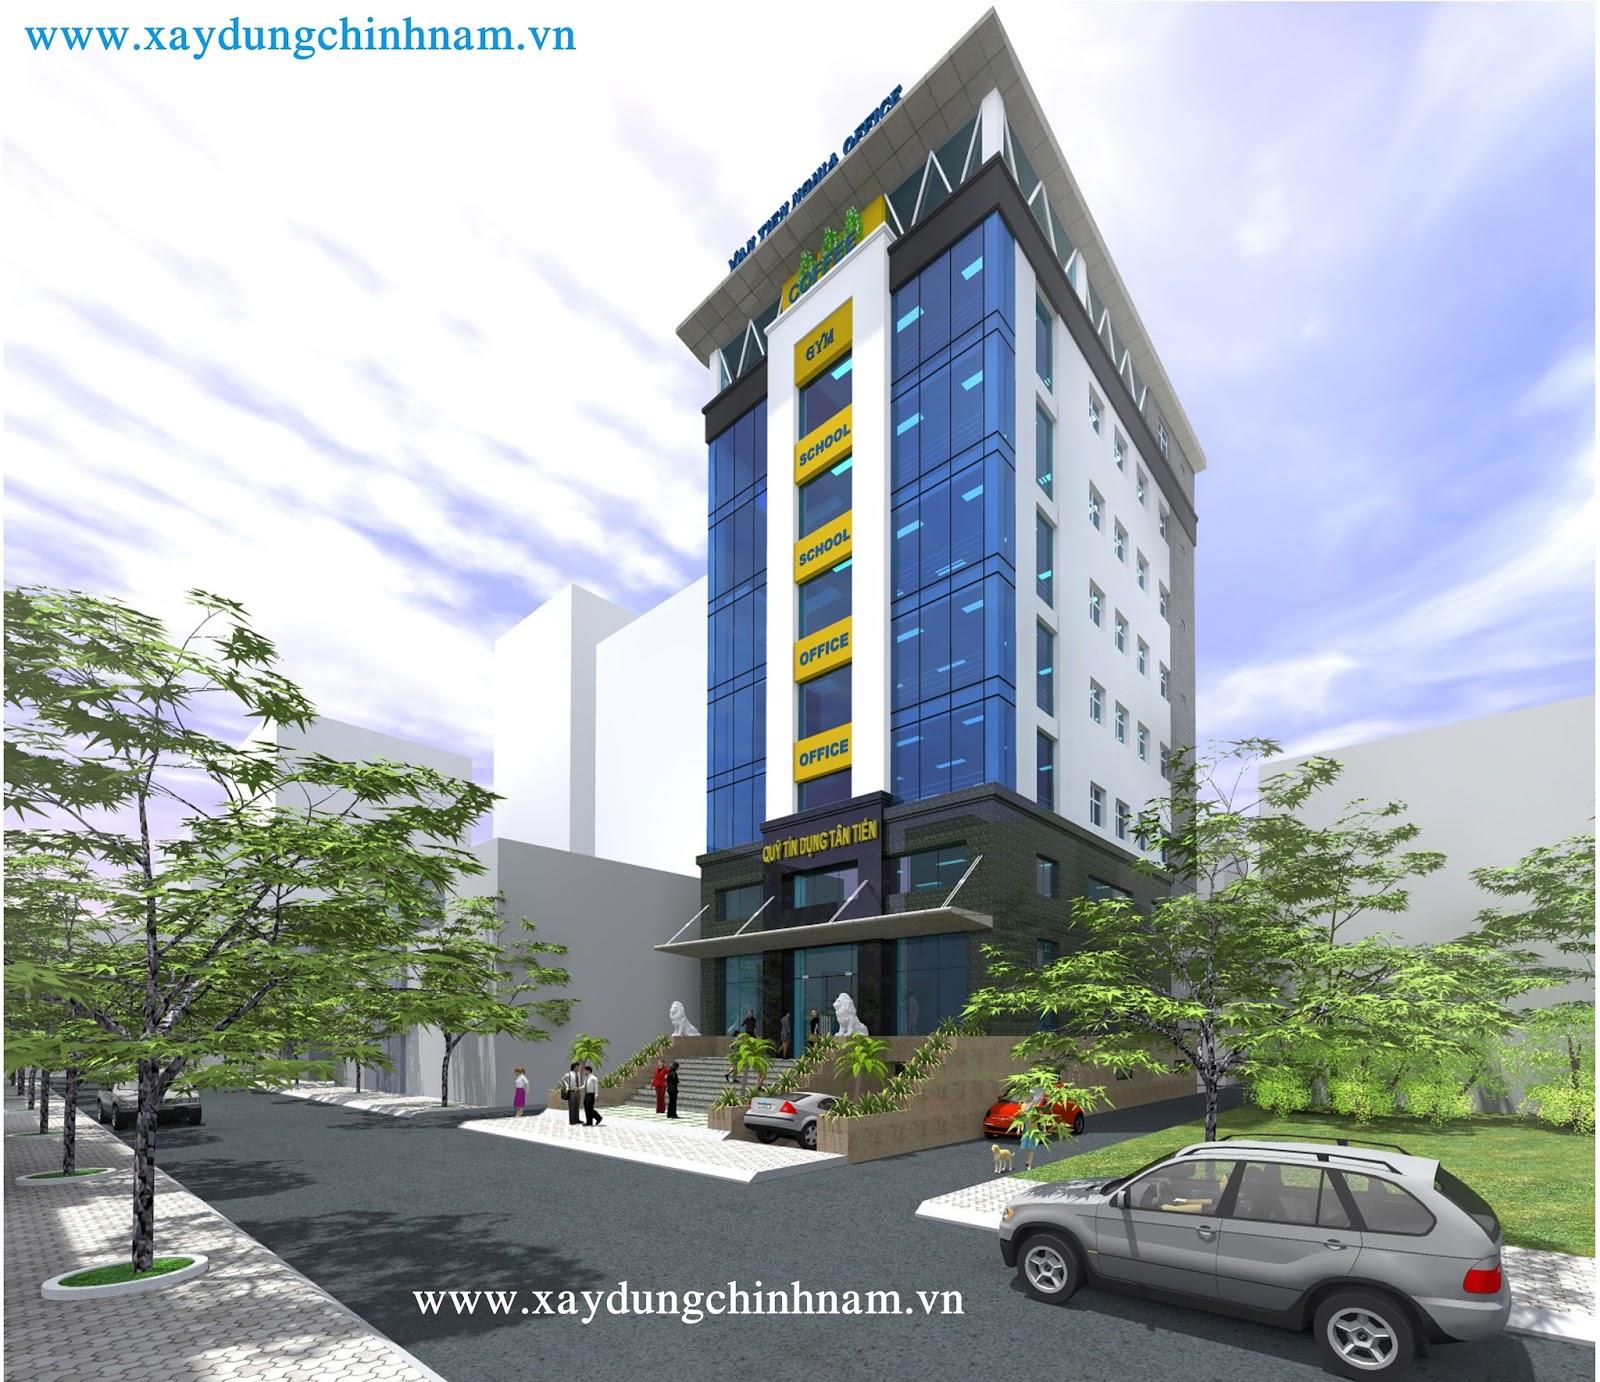 Nhà cao tầng - Công ty VĂN TIẾN NGHĨA - Biên Hoà, Đồng Nai